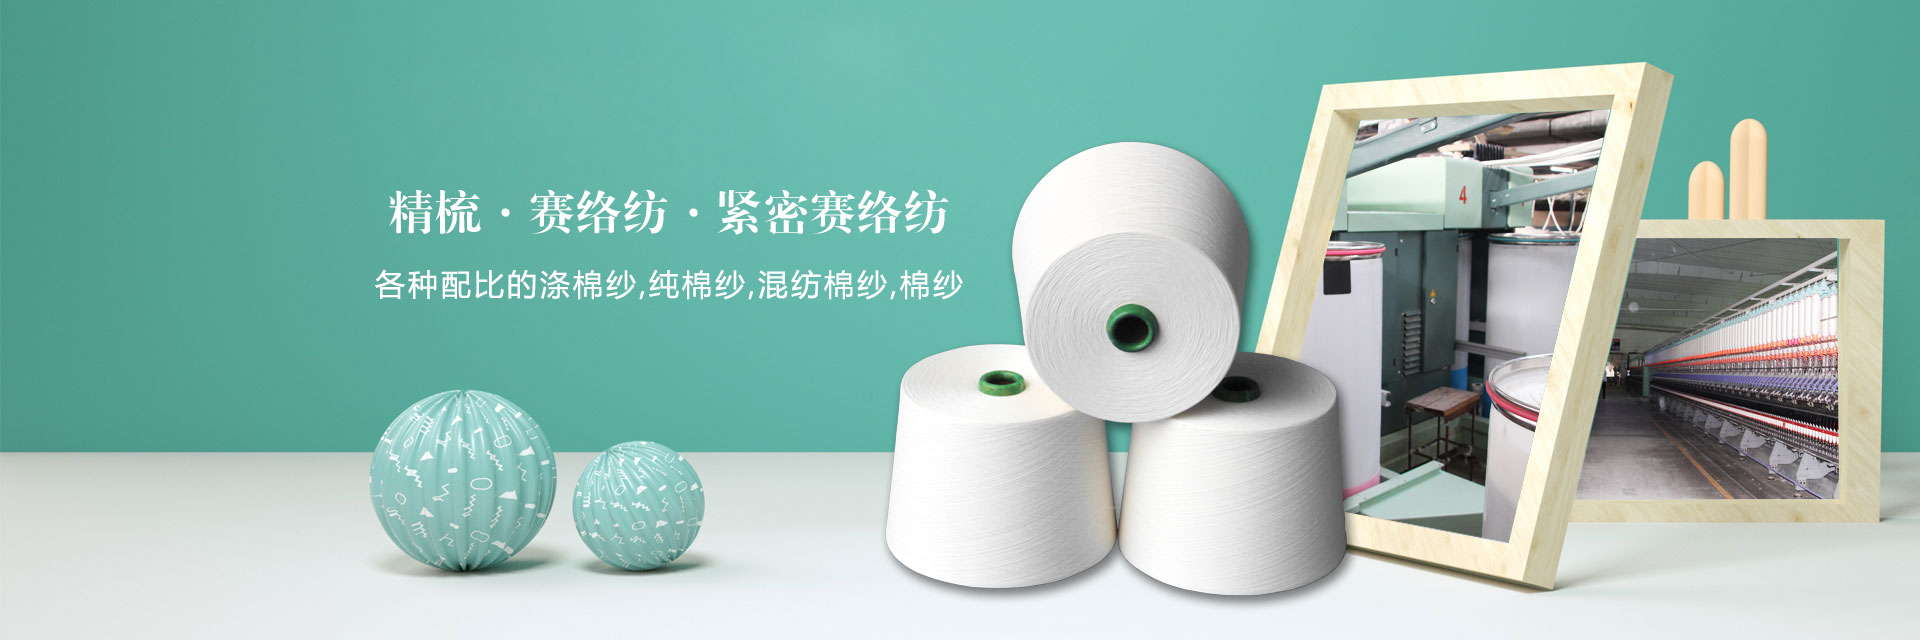 涤棉纱,纯棉纱,混纺棉纱,涤棉纱,纯棉纱,混纺棉纱